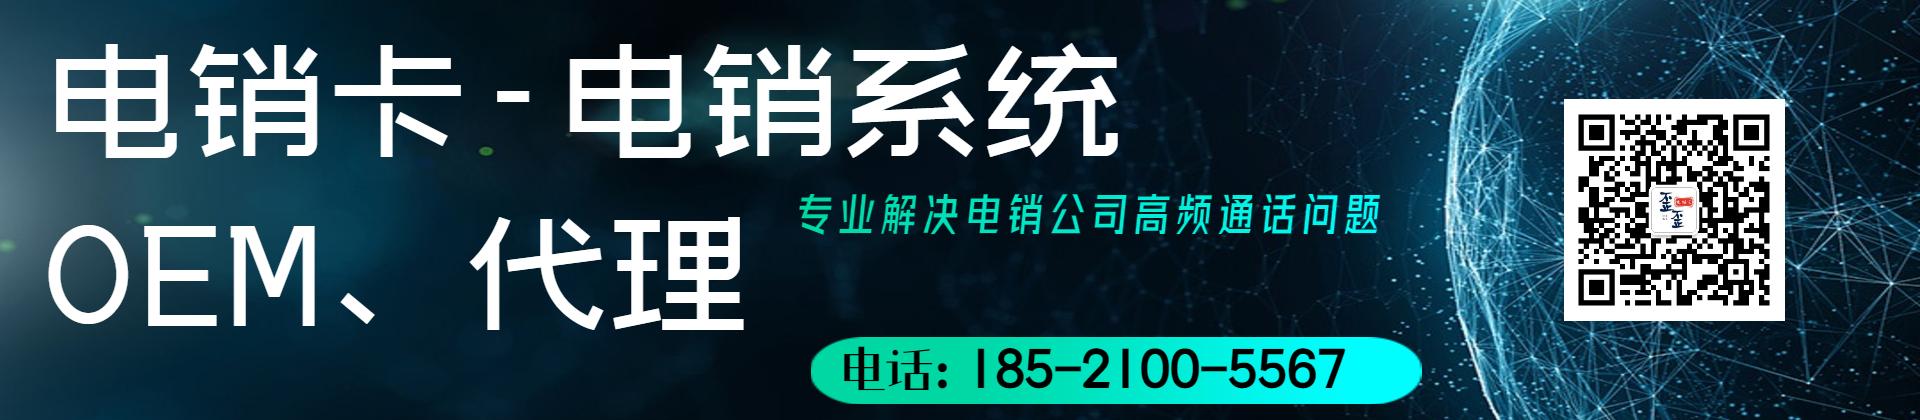 http://www.dxkgw.cn/data/upload/202101/20210119182039_474.jpg